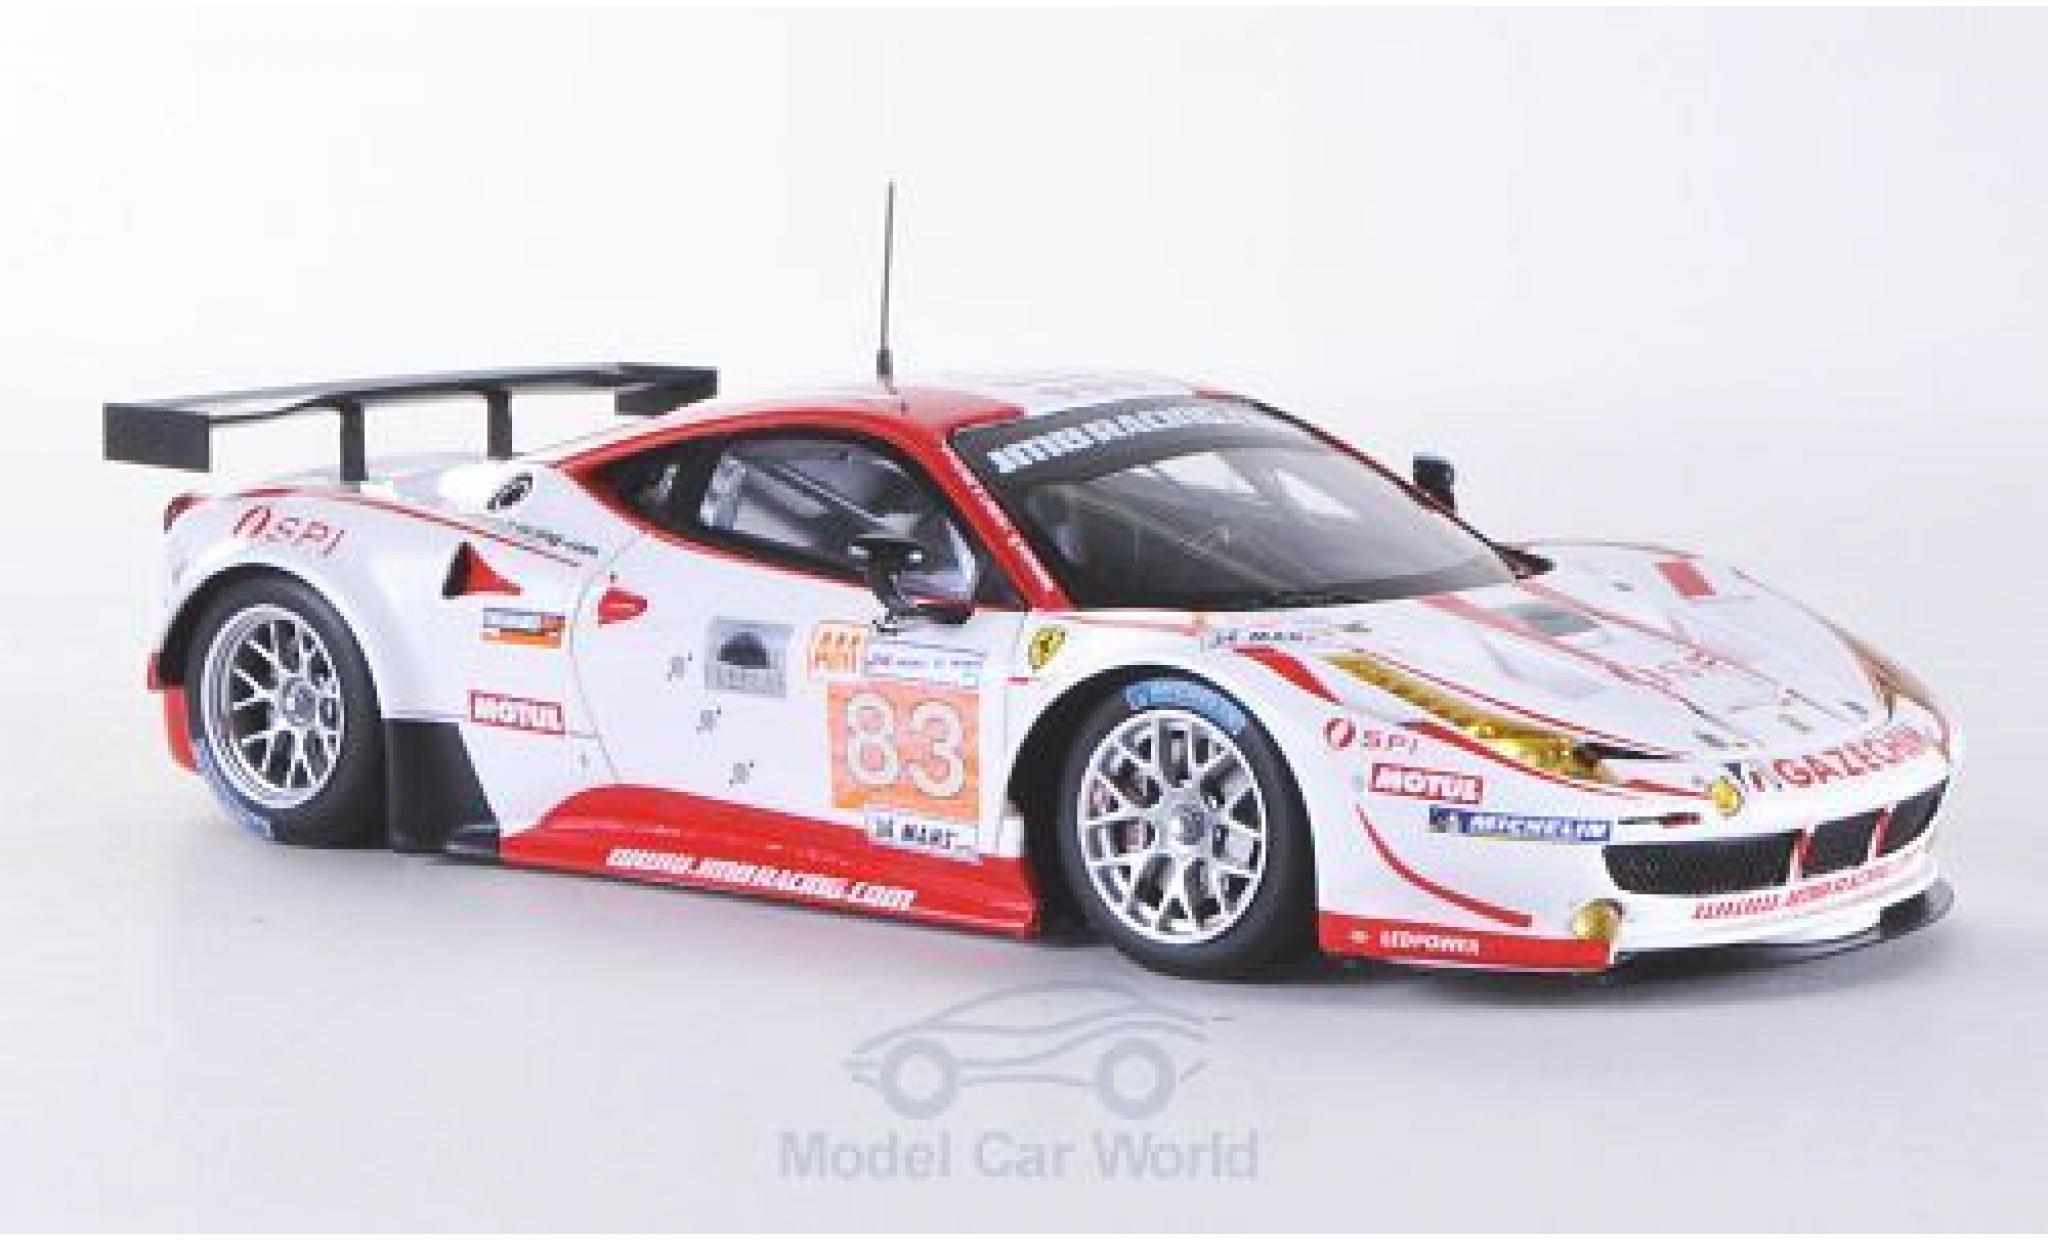 Ferrari 458 Italia GT2 1/43 Fujimi No.83 JMB Racing 24h Le Mans 2012